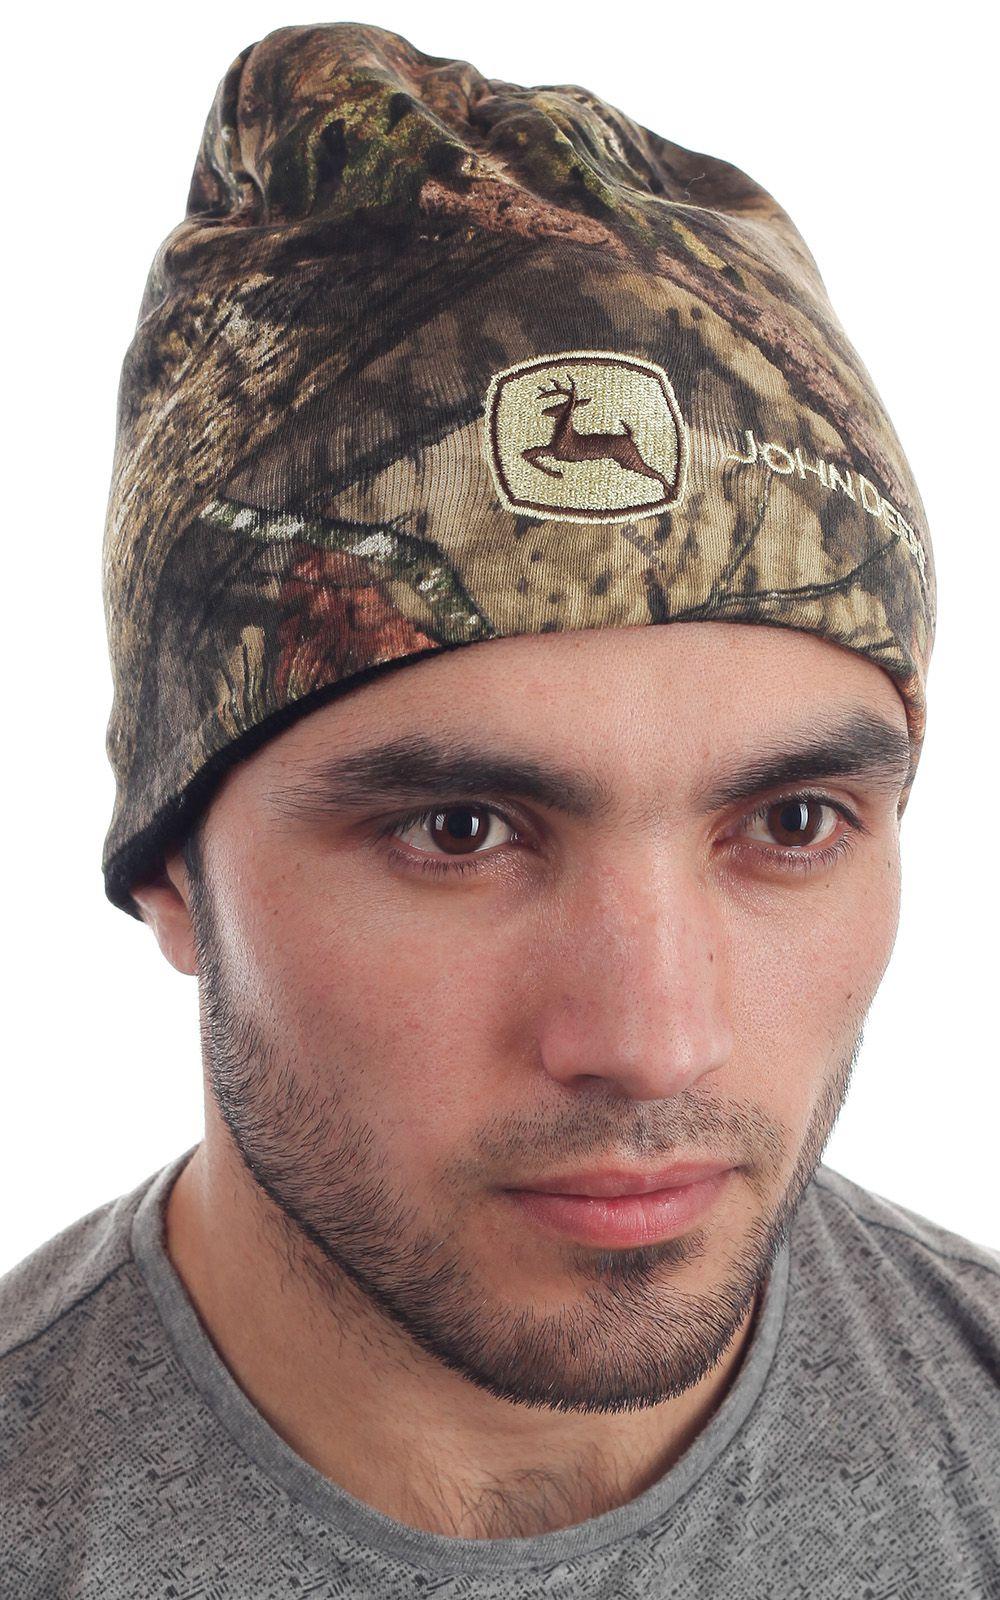 Купить щапку для охоты в онлайн-магазине Военпро